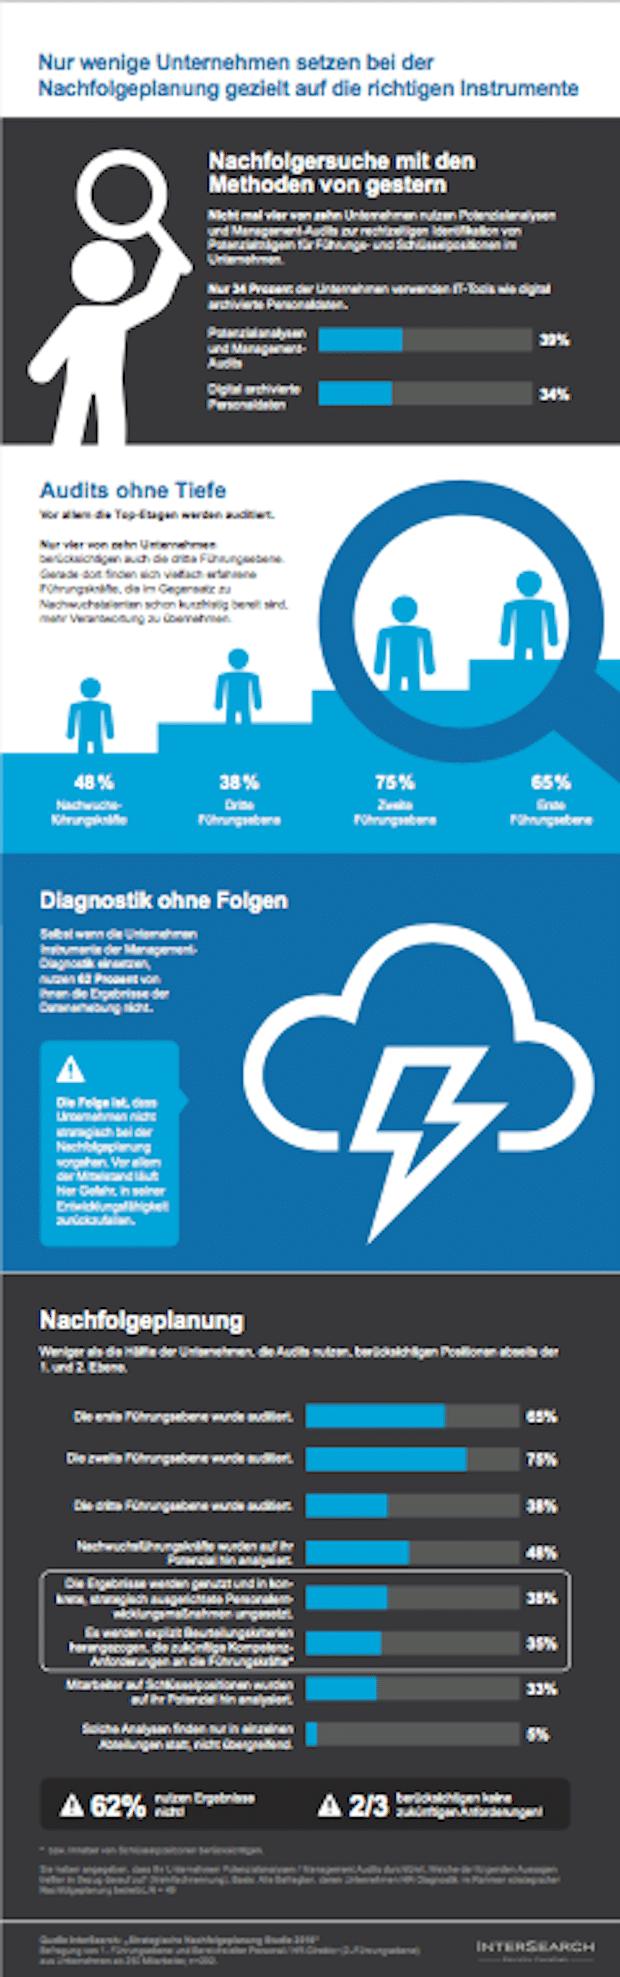 Bild von Verpasste Chancen: Nur wenige Unternehmen setzen bei der Strategischen Nachfolgeplanung gezielt auf Management-Diagnostik